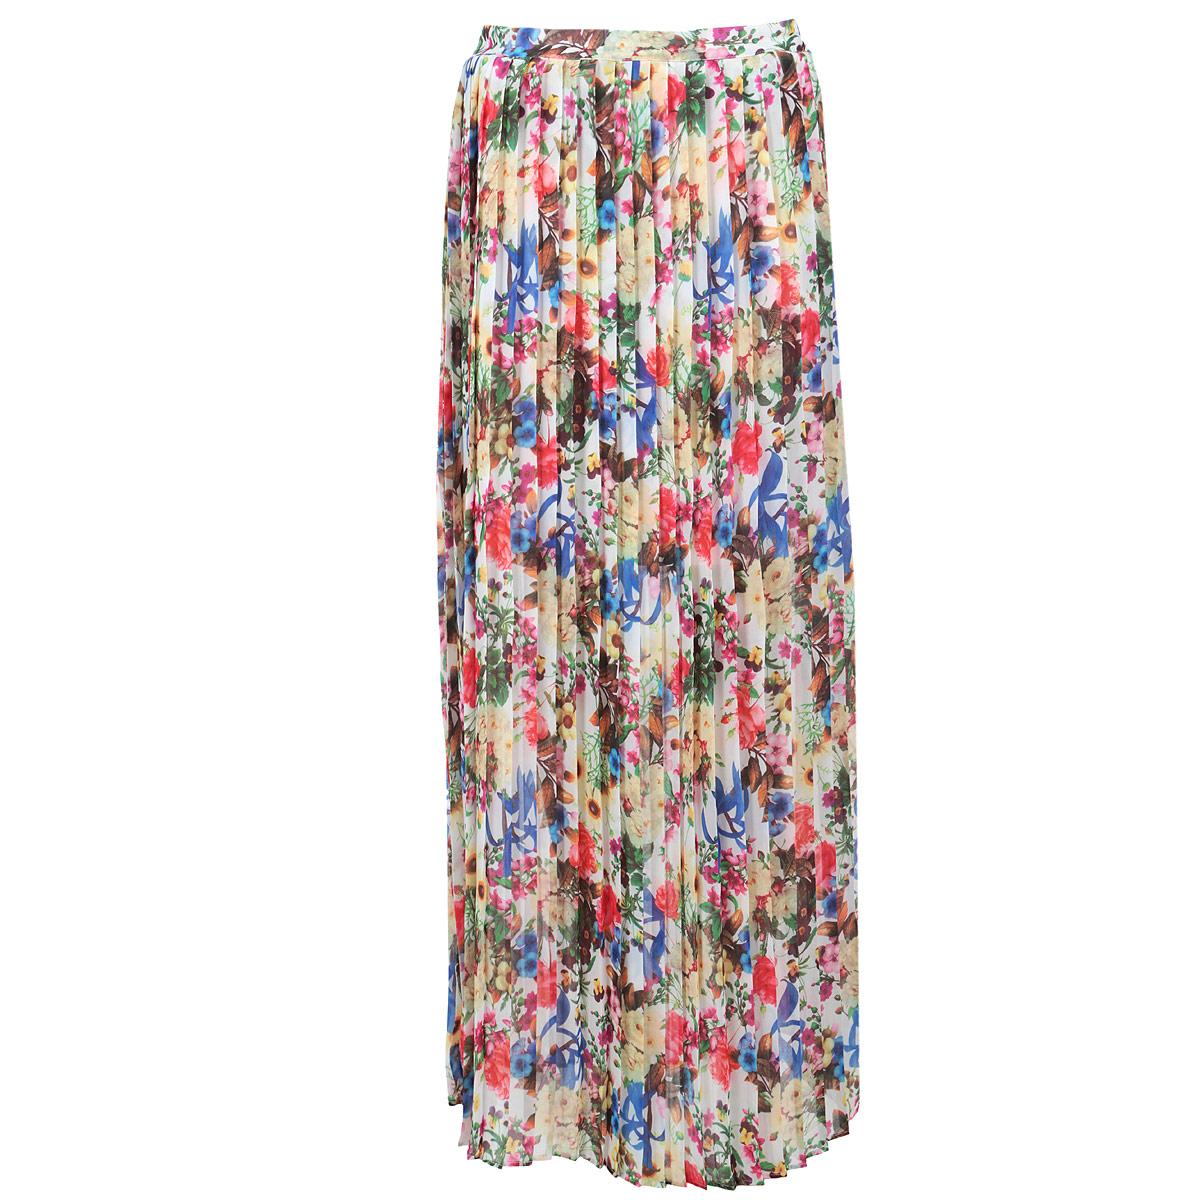 ЮбкаSK-118/392-5284Яркая юбка Sela выполнена из легкого струящегося и приятного на ощупь полиэстера. Очаровательная юбка плиссе сбоку застегивается на потайную застежку-молнию. Для большего комфорта имеется подъюбник. Юбка оформлена красочным цветочным принтом. Стильная юбка выгодно освежит и разнообразит любой гардероб. Создайте женственный образ и подчеркните свою яркую индивидуальность!